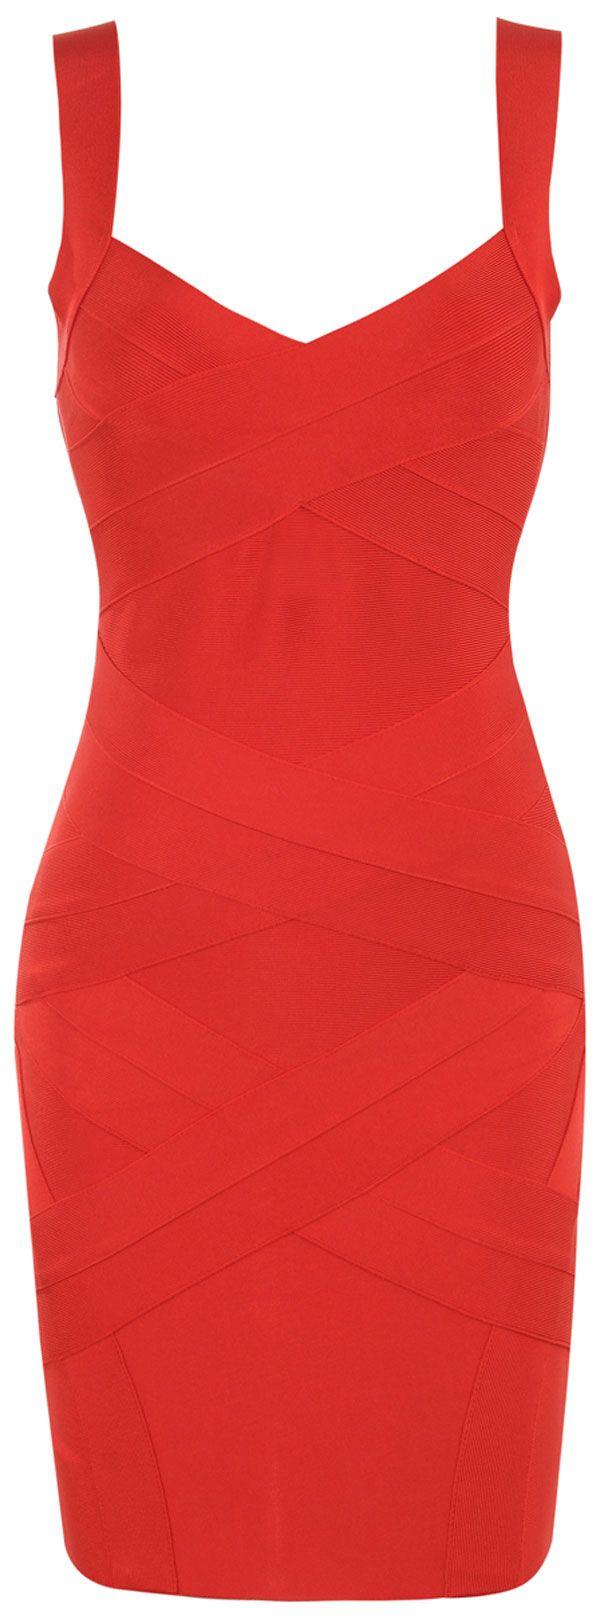 Clothing : Bandage Dresses : 'Jennifer' Cross Back Red Bandage Dress